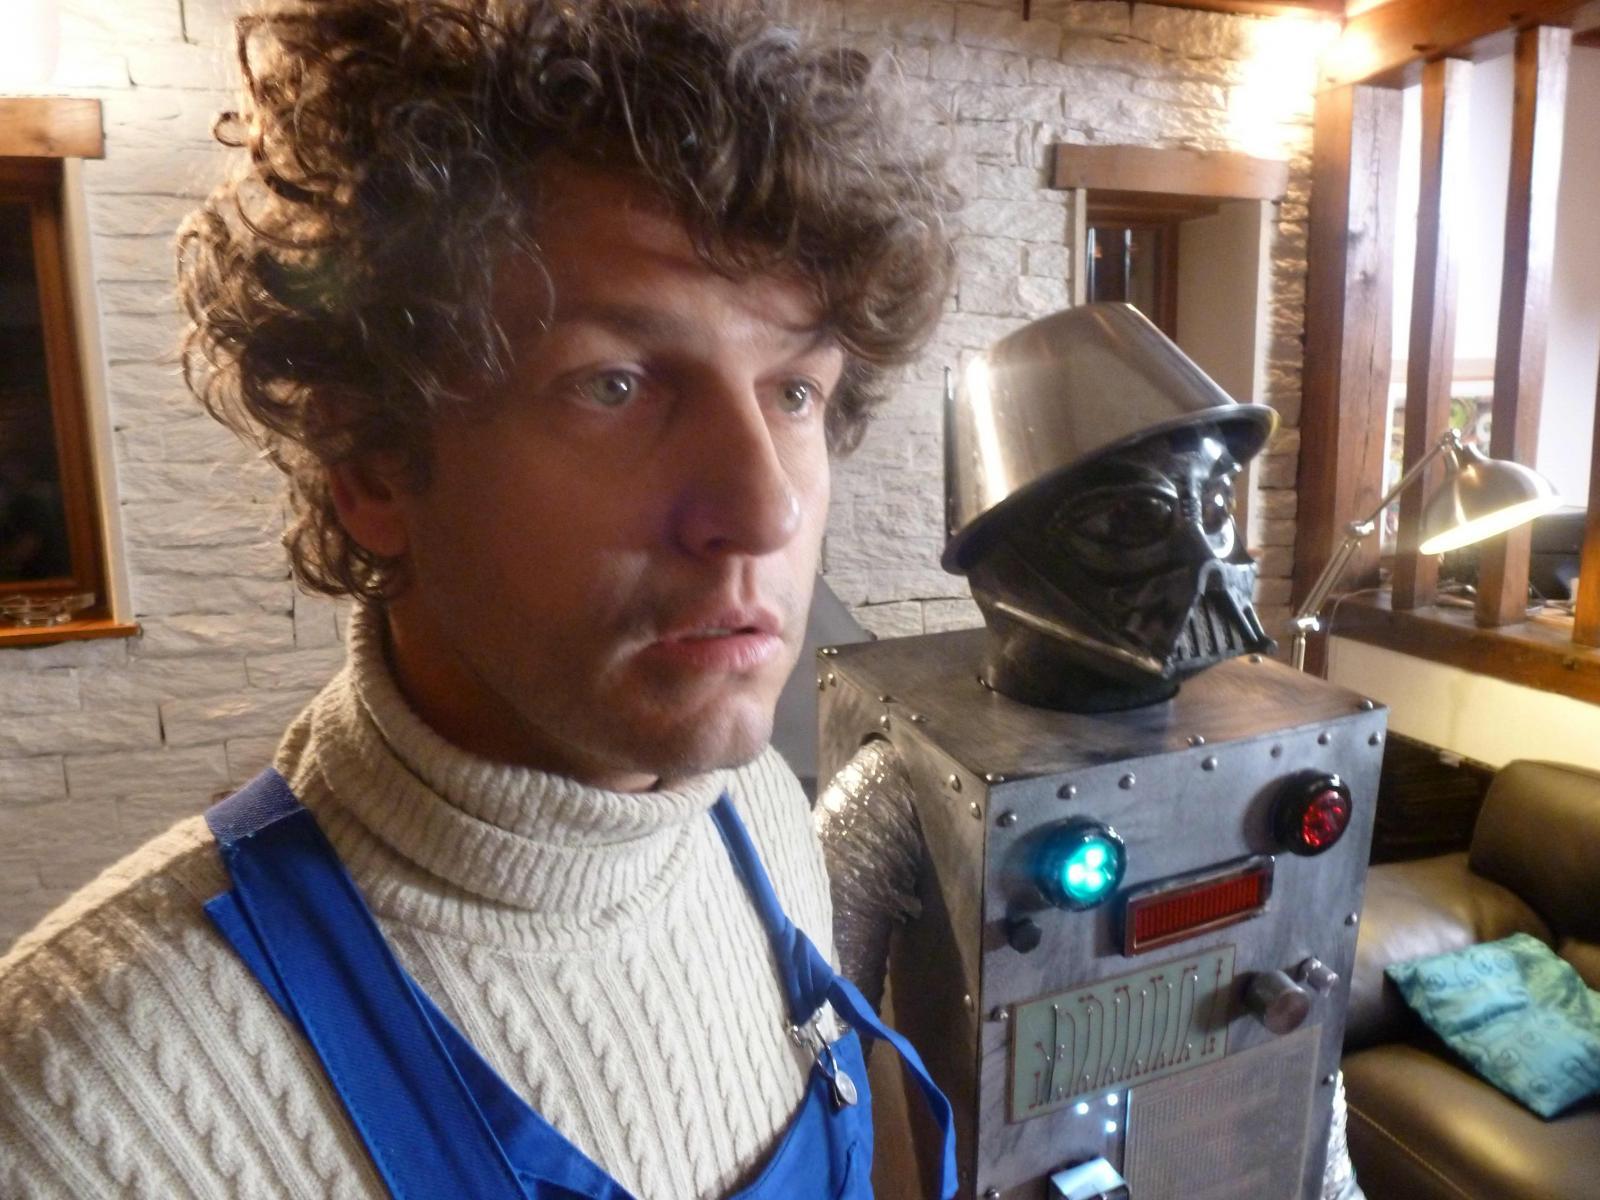 Court métrage Le robot des étoiles de Debusschere Jérôme (2011)